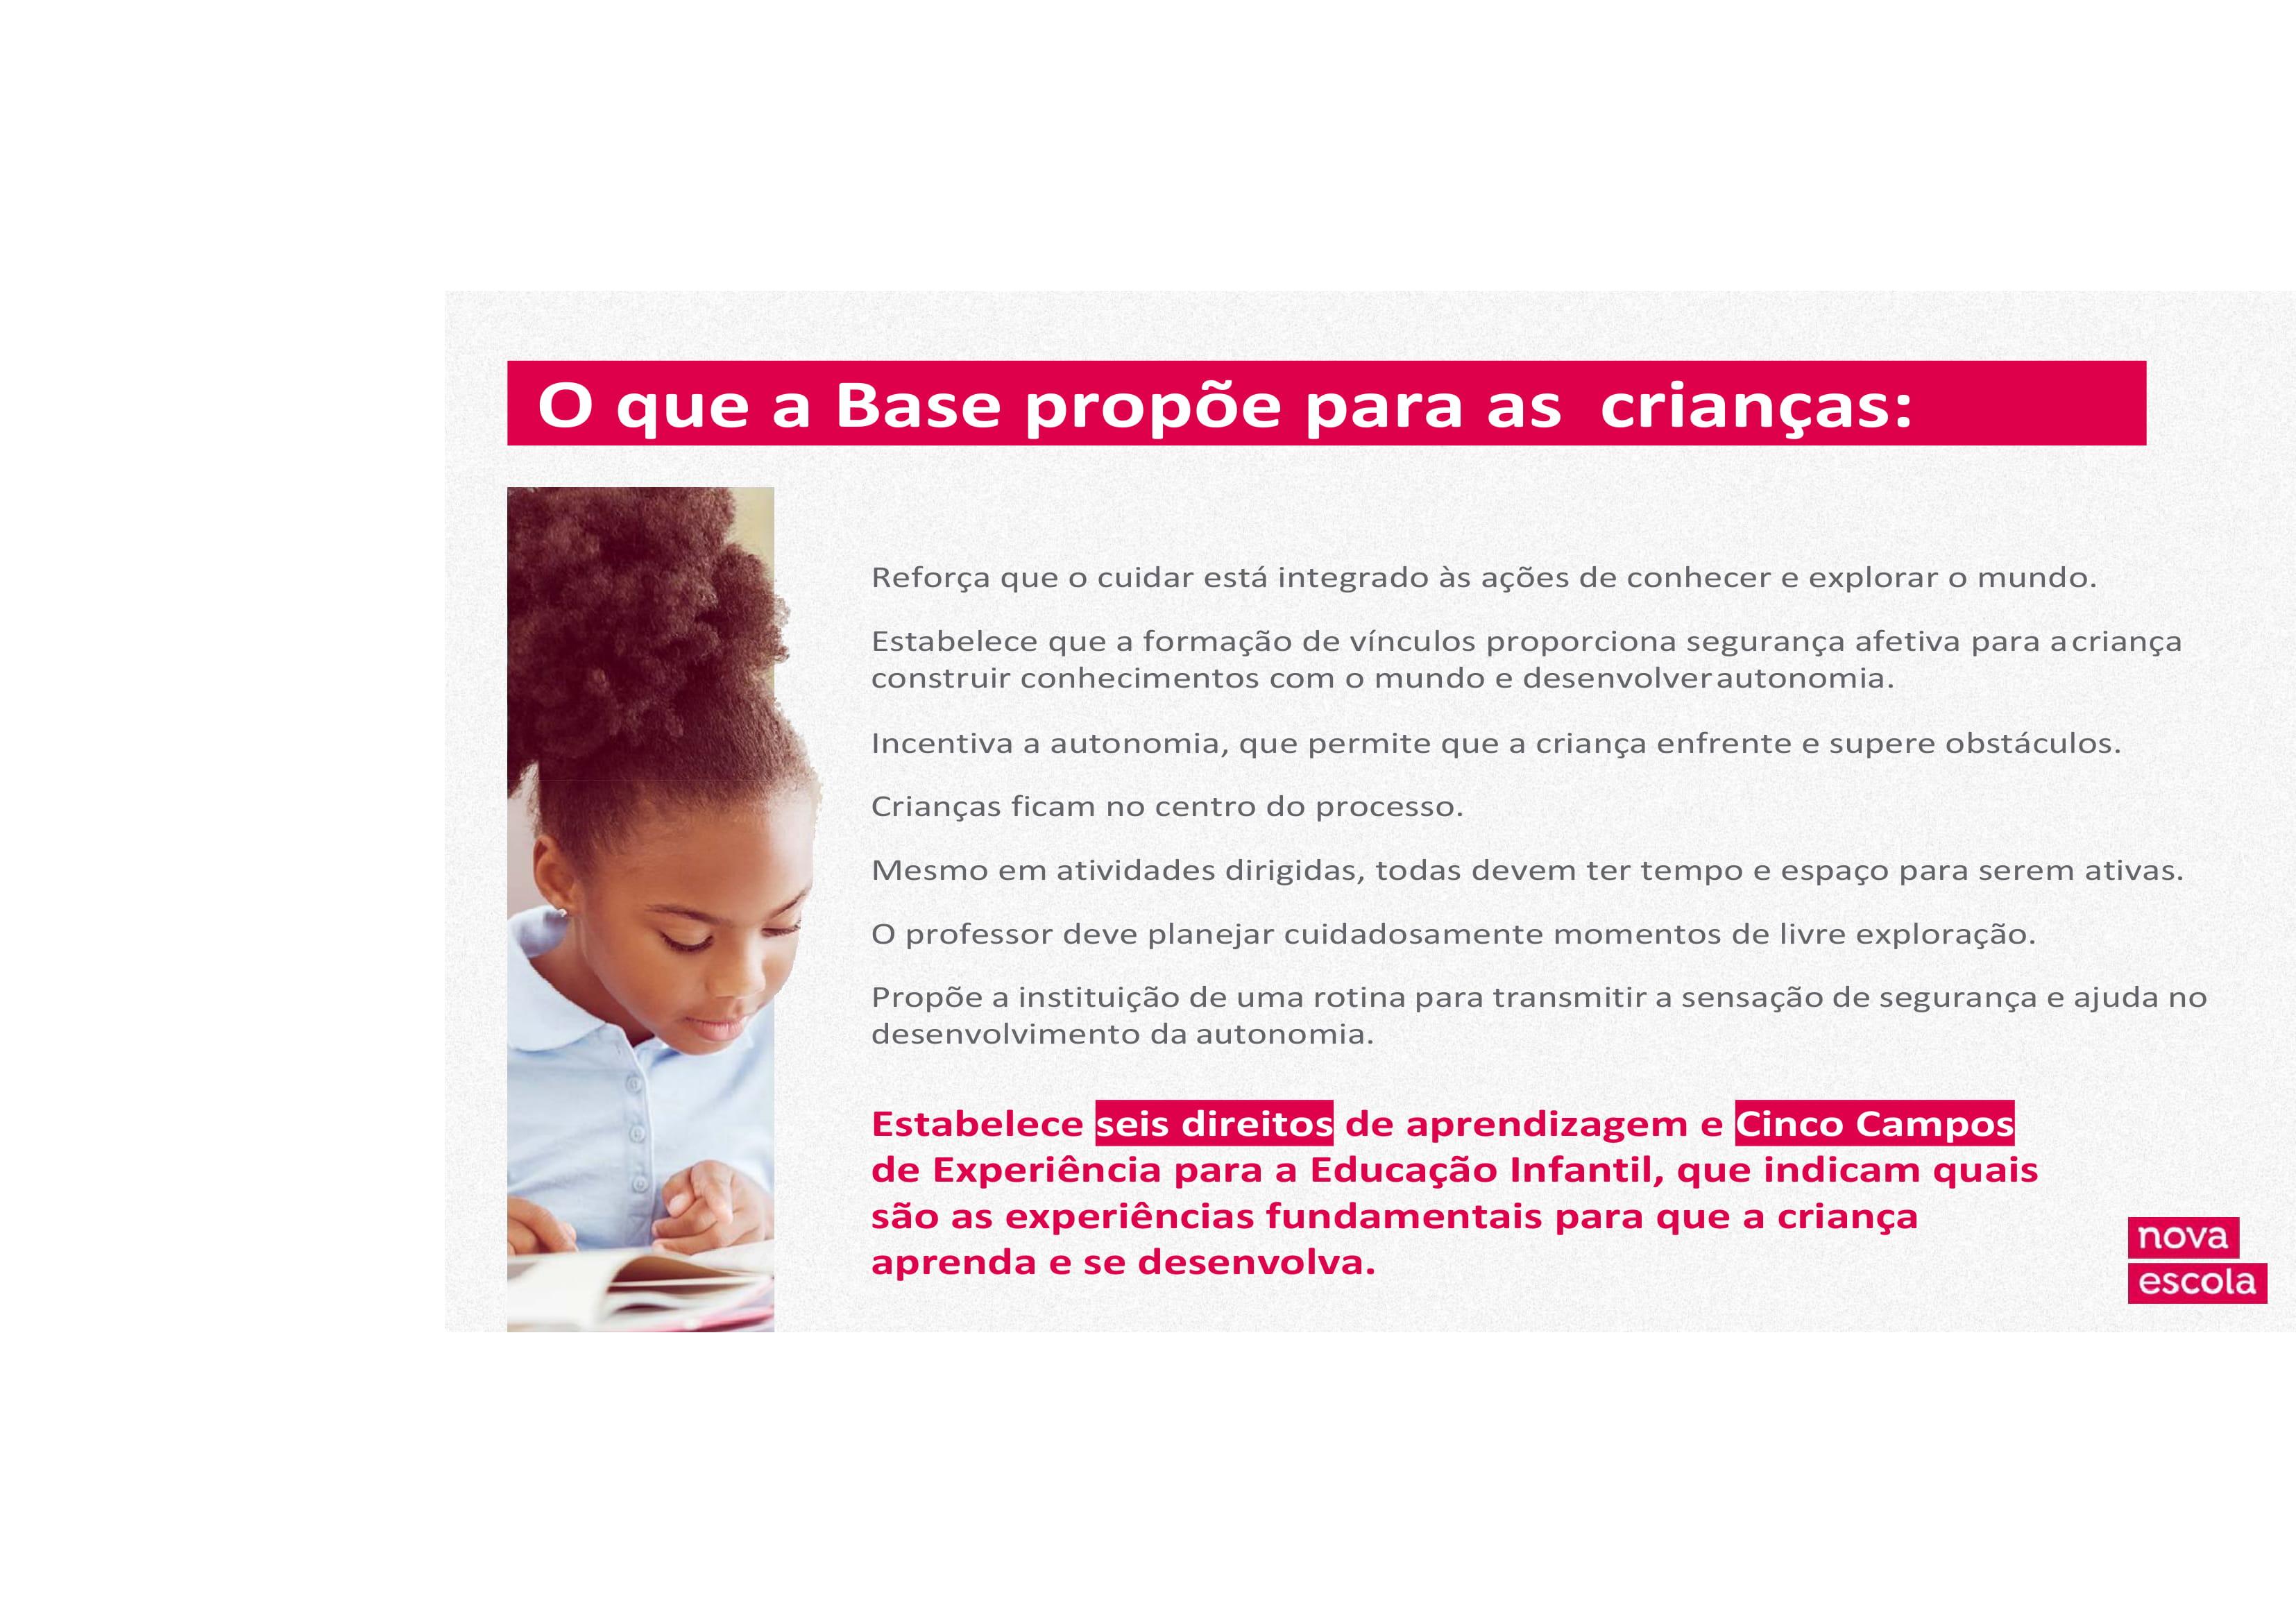 planejamento-educação-infantil-bncc-geral-198